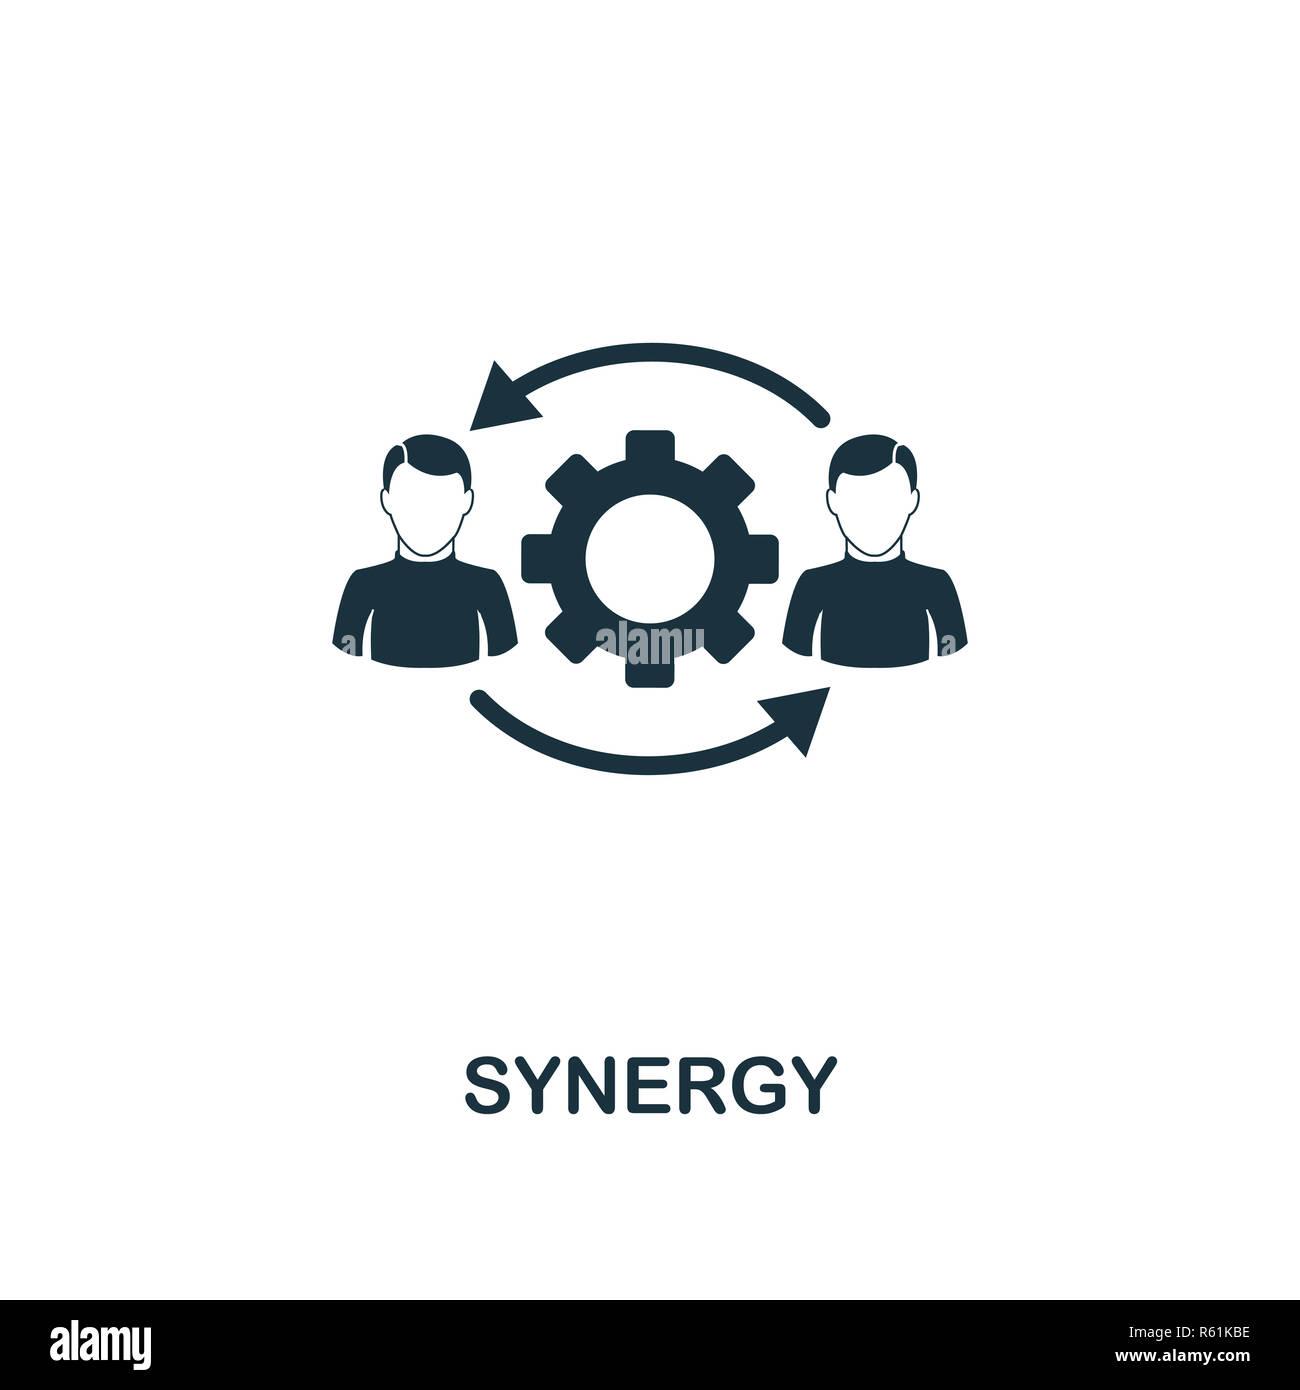 Icona di sinergia. Premio di design di stile da teamwork raccolta icona. Interfaccia utente e UX. Pixel in perfetta sinergia icona per web design, applicazioni software, l'uso della stampa. Immagini Stock